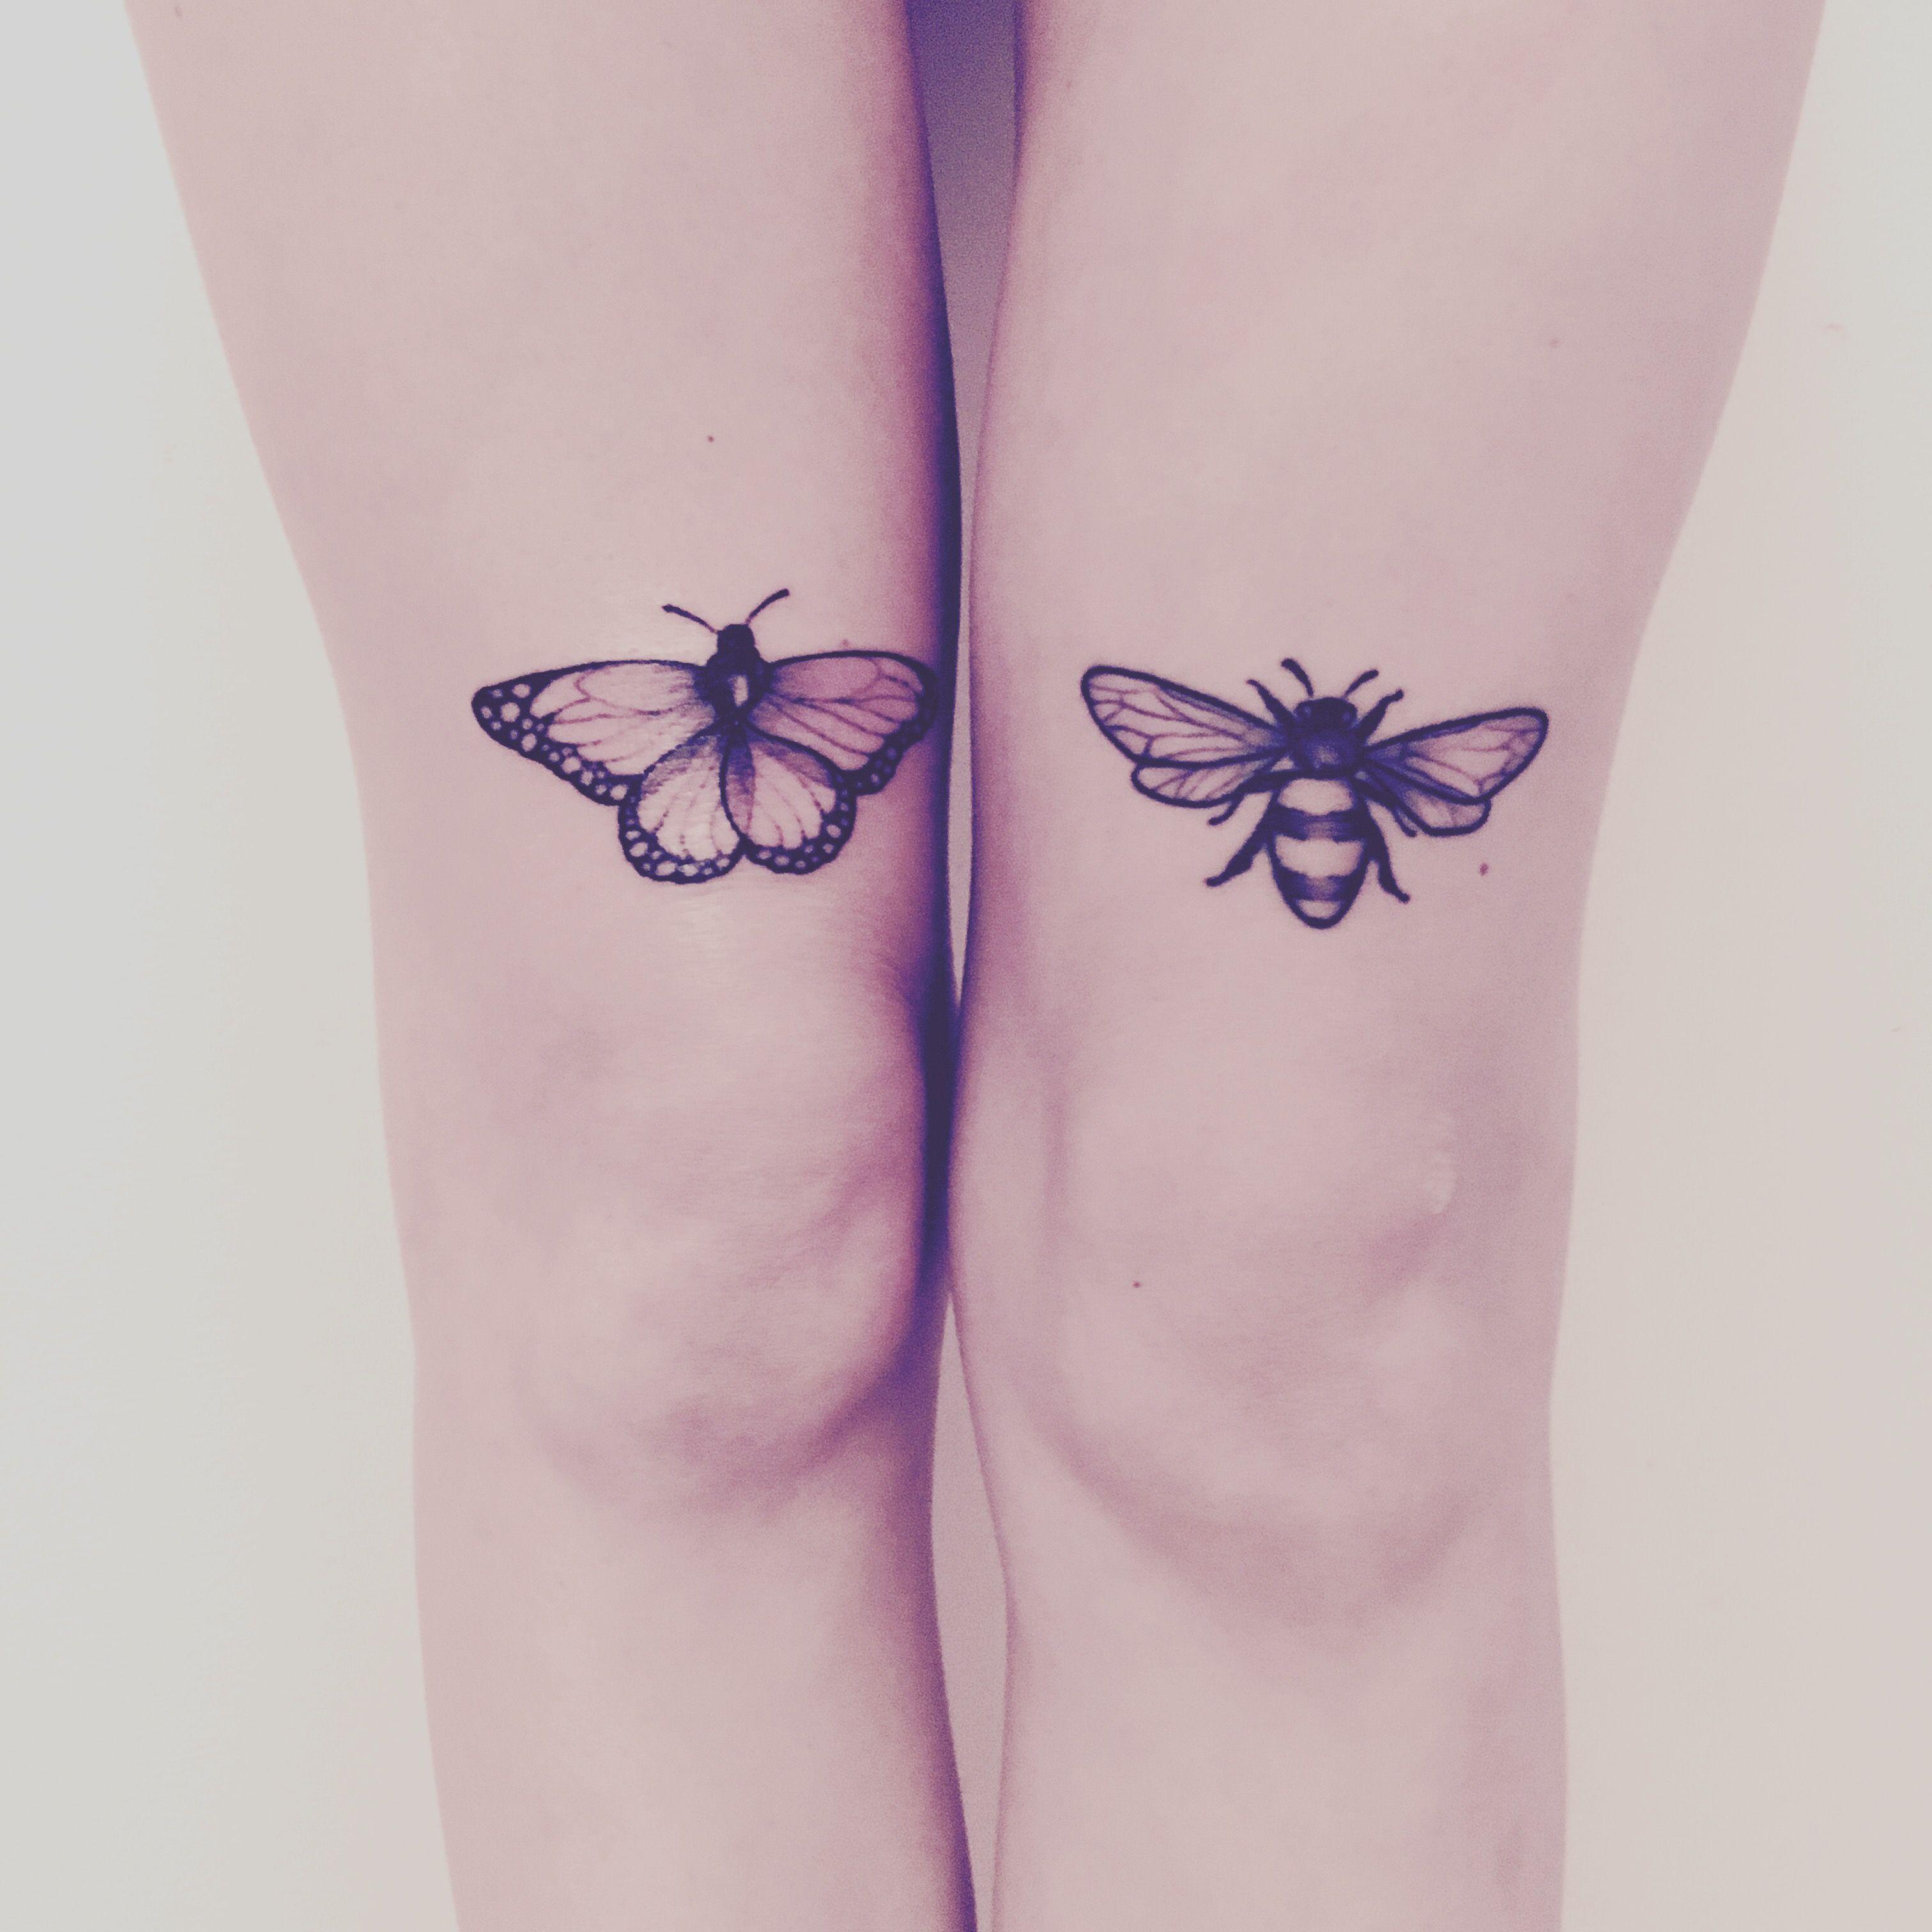 Butterfly Tattoo Bee Tattoo Knee Tattoo Tattoos Pinterest